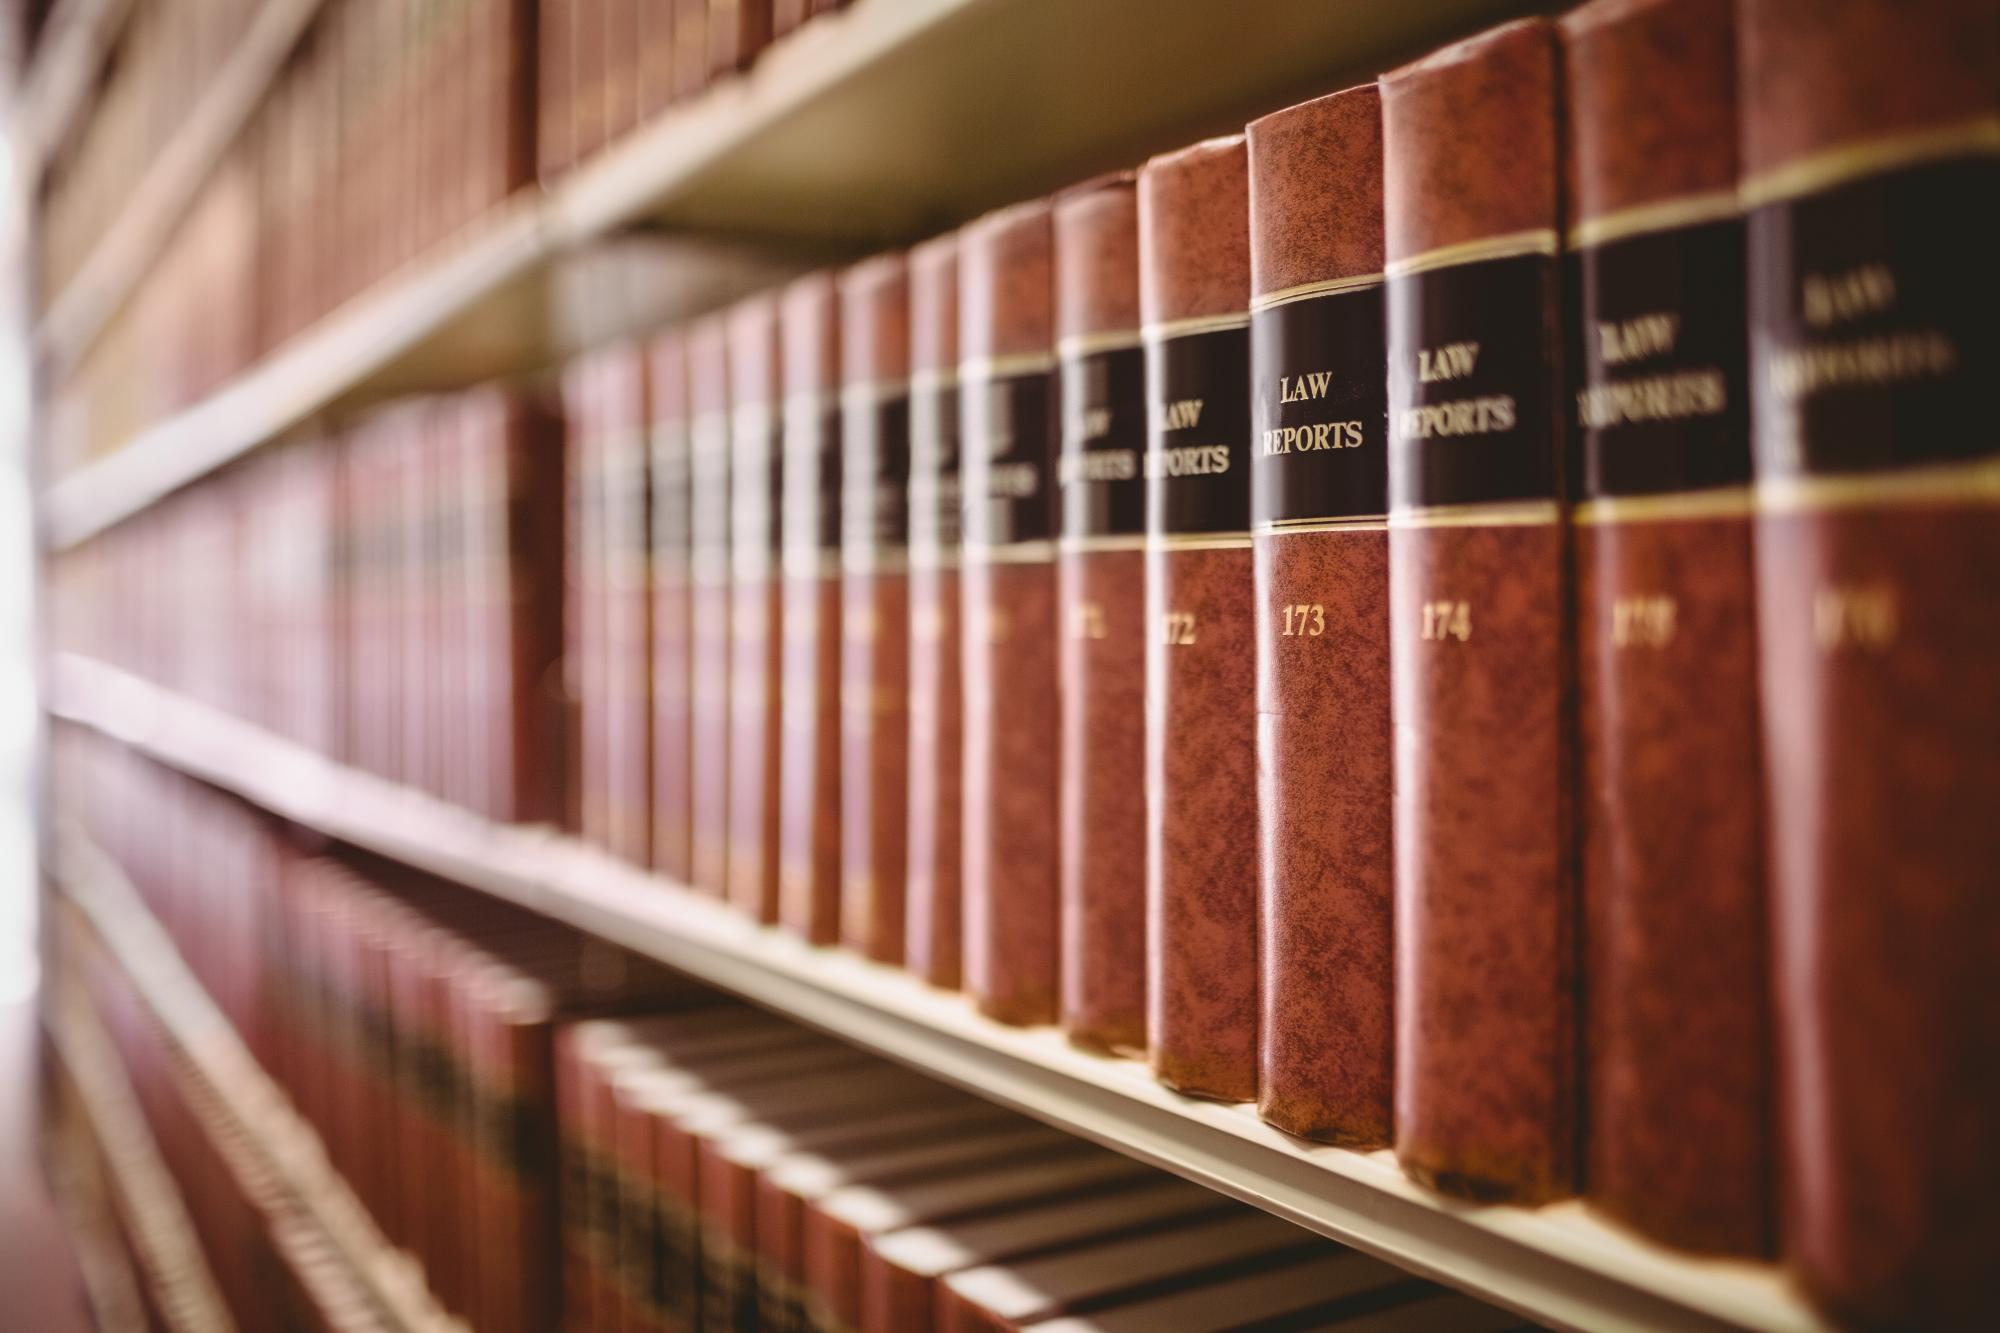 Основные налоговые законы Кипра: актуальные электронные версии